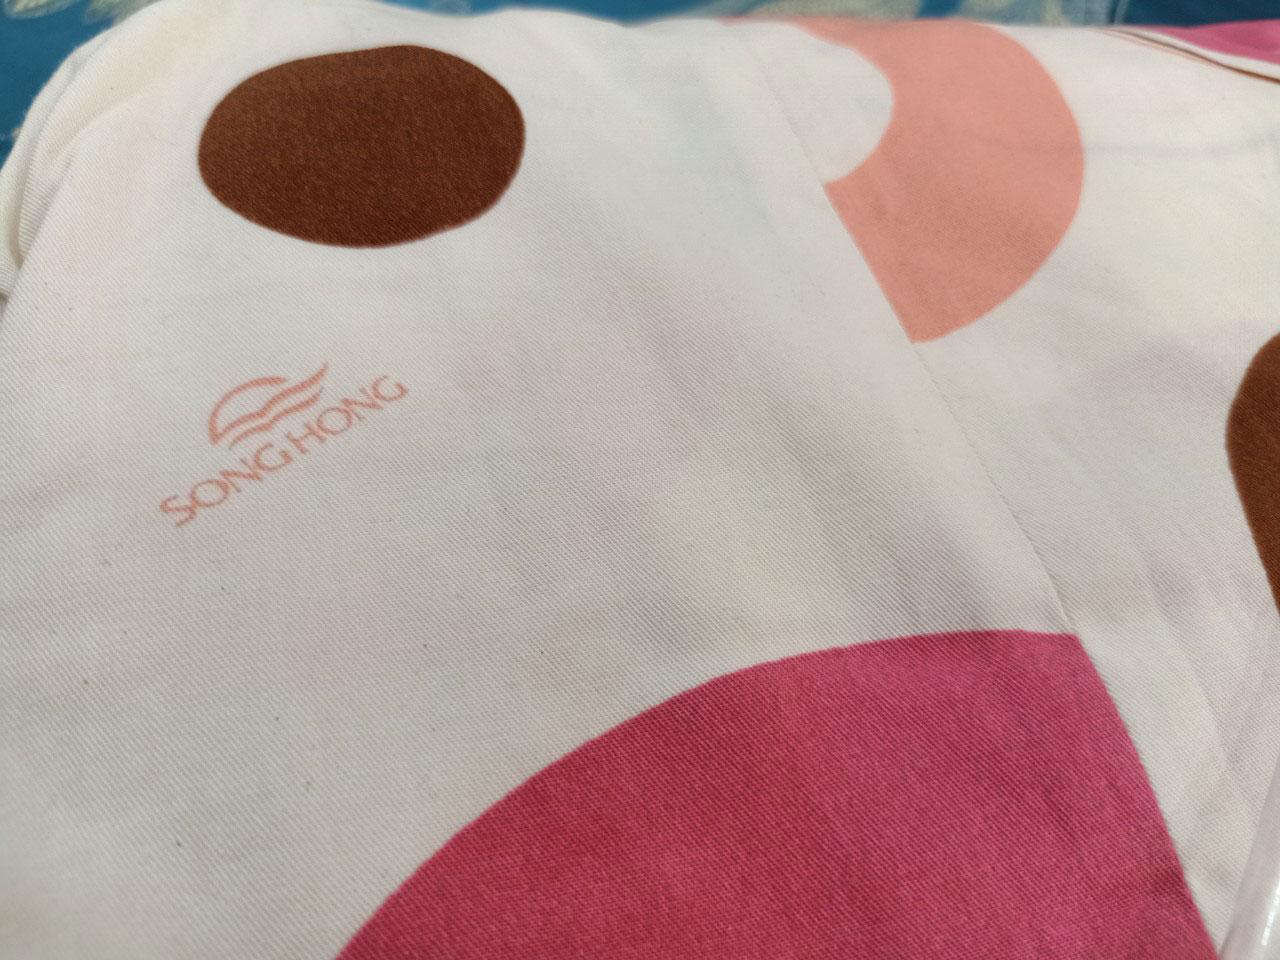 Vỏ ga, vỏ gối có chất lượng cao trên bề mặt vải có in Logo Sông Hồng